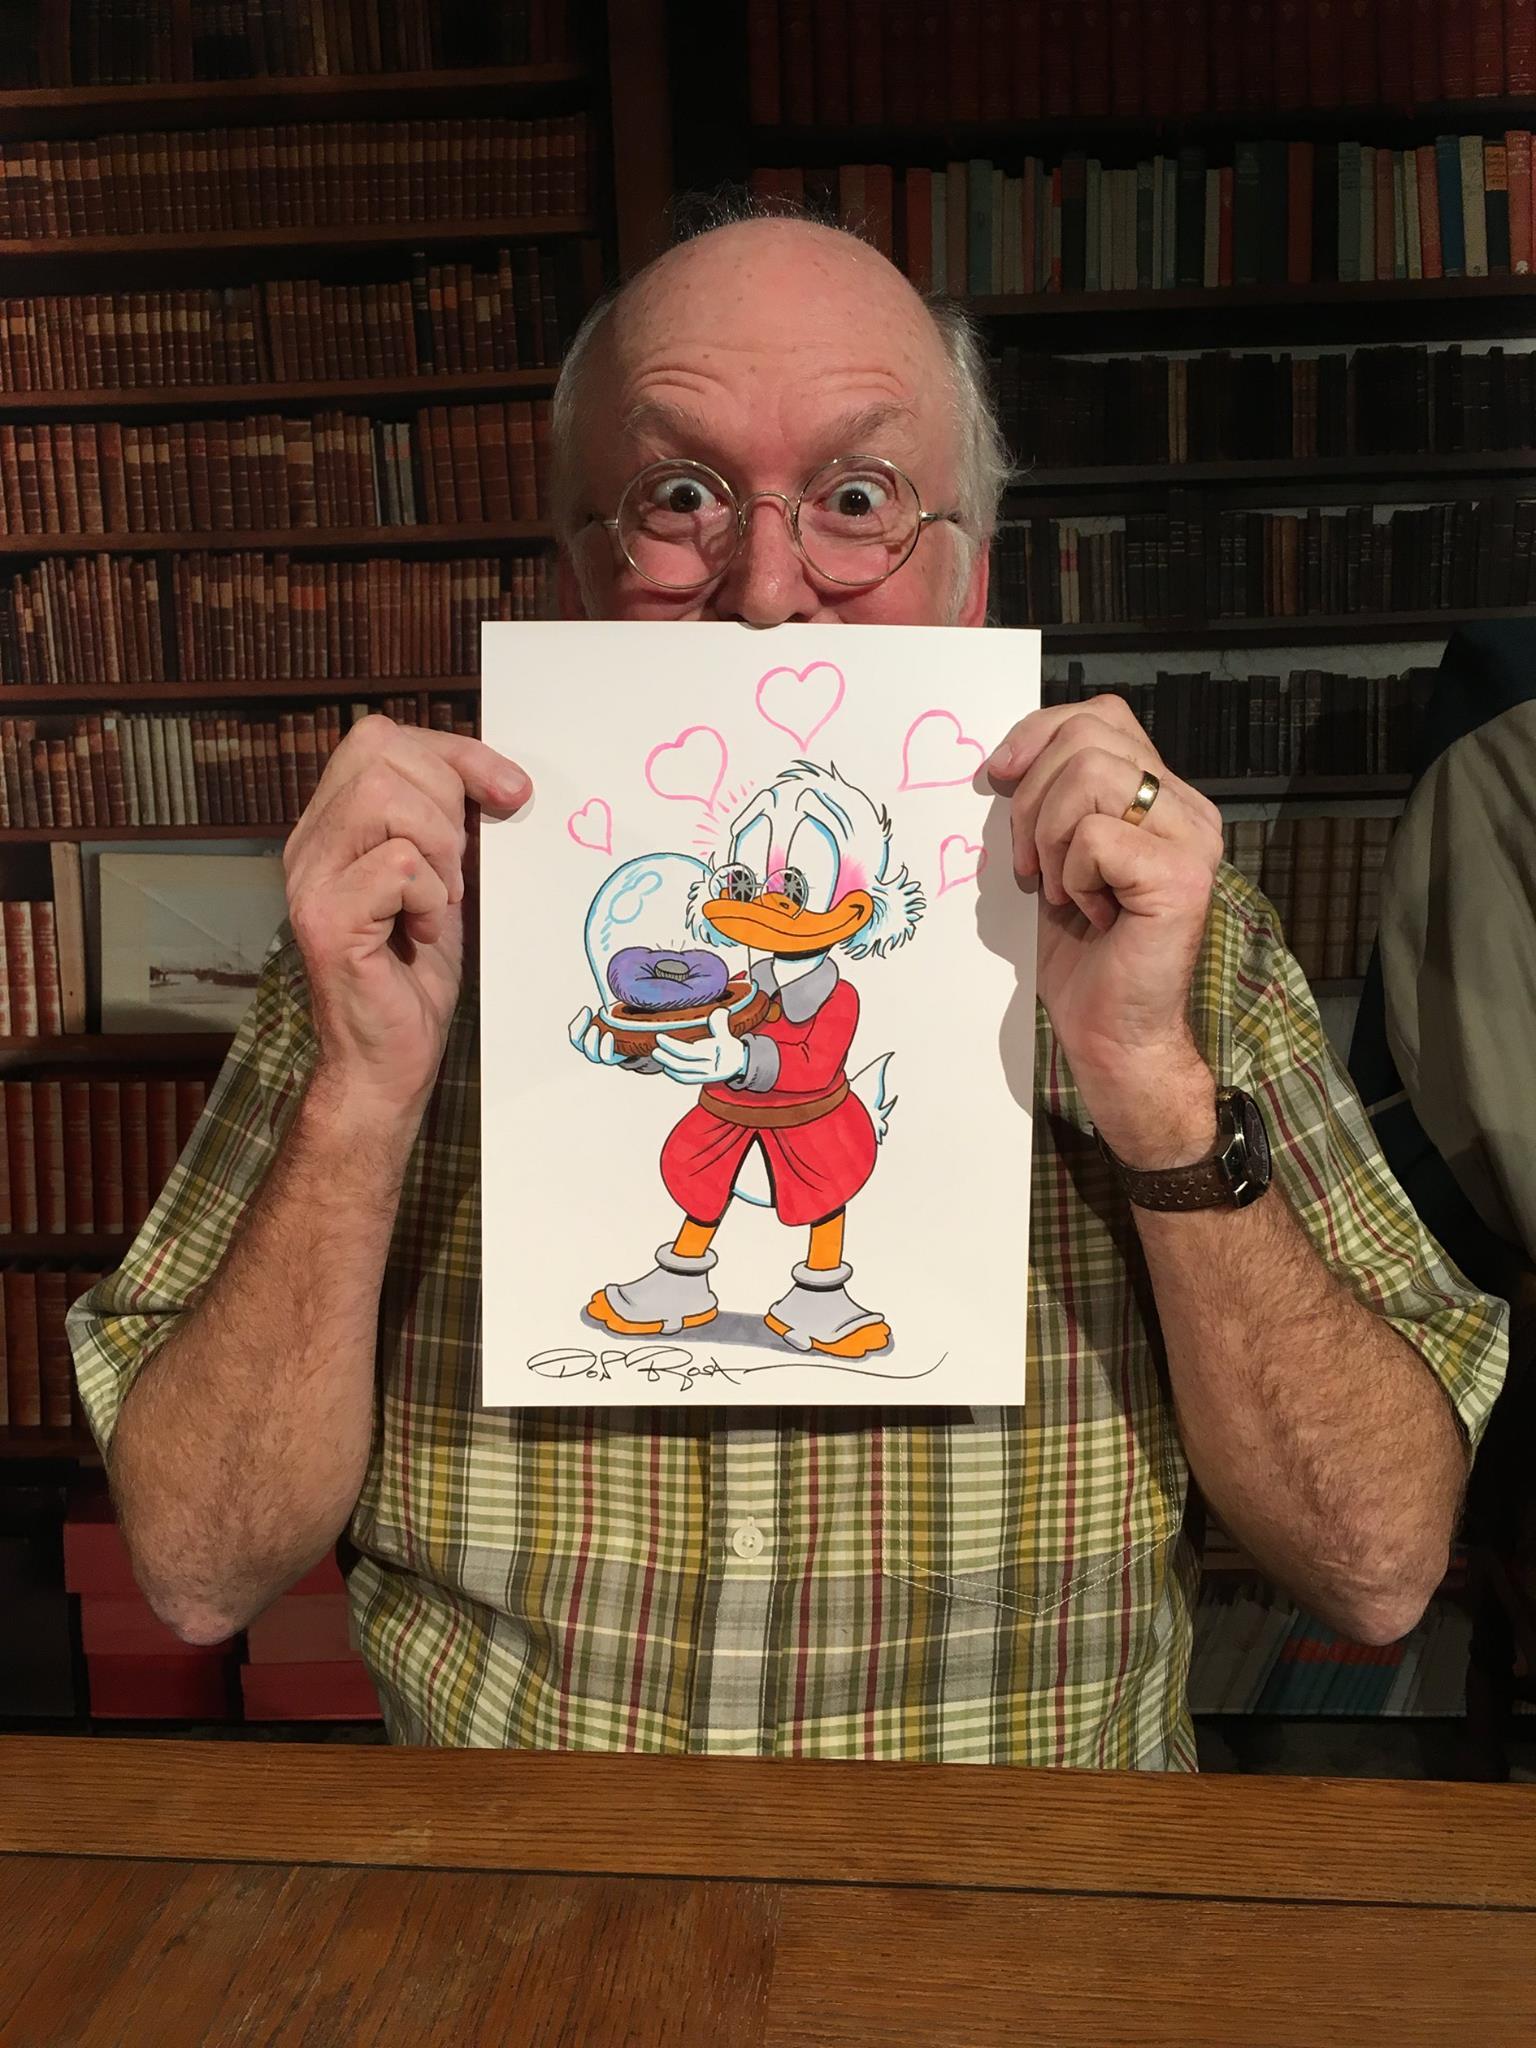 Il fumettista americano Don Rosa